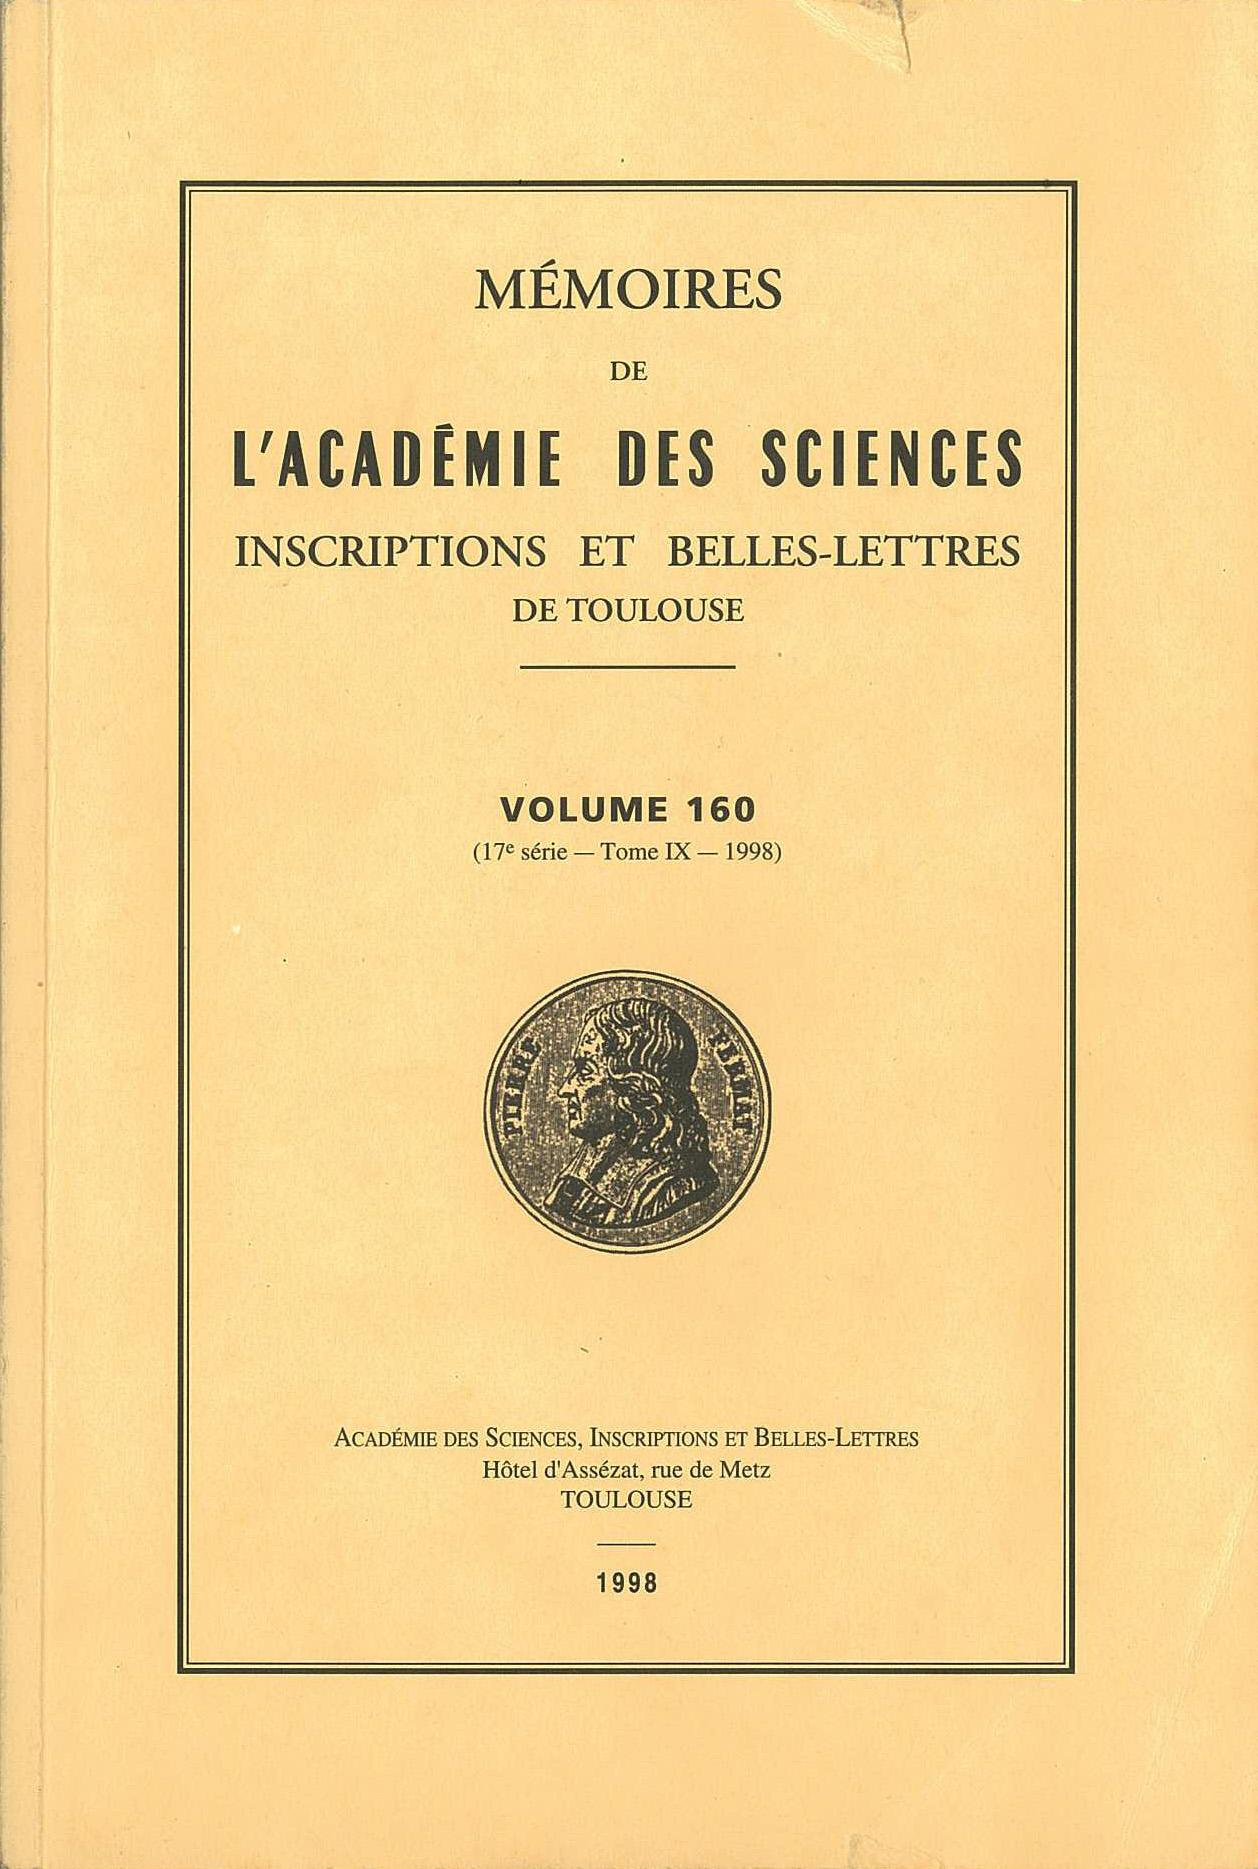 Academie Sciences Inscriptions et Belles Lettres Toulouse